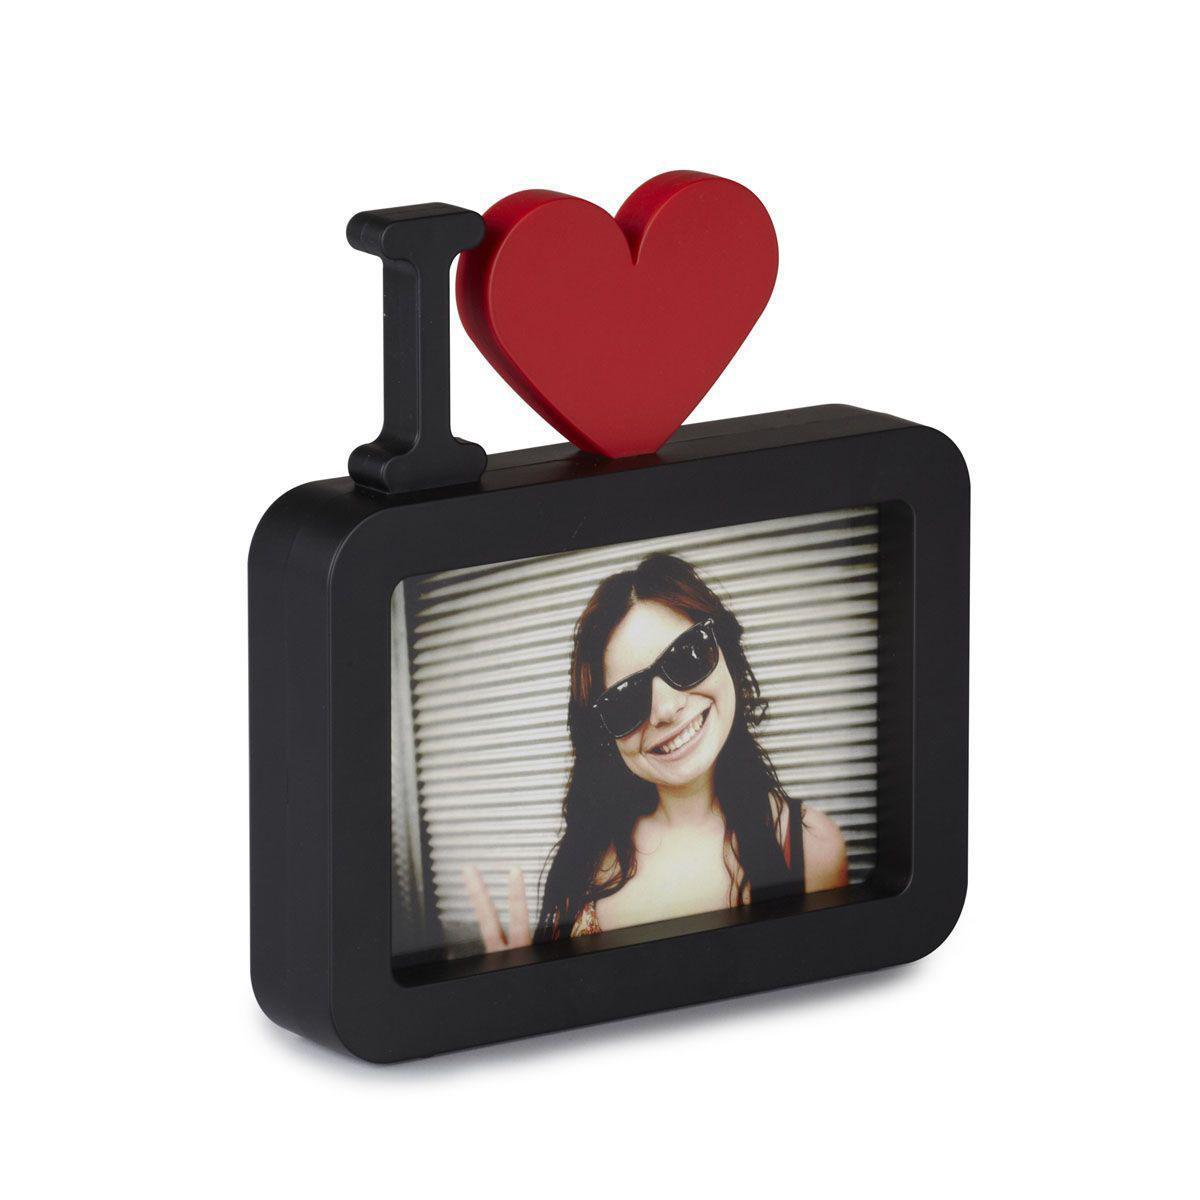 Фоторамка настольная I love U, цвет: черный, 10 х 15 см313190-040Оригинальная фоторамка I love U выполнена из пластика и оформлена буквой I и красным сердцем, поместив в нее фотографию, вы получите оригинальное признание в любви. Рамка очень устойчива, и ее можно поставить на столик или любую другую поверхность. Рамка позволит сохранить на память изображения дорогих вам людей и интересных событий вашей жизни. С таким украшением вы сможете не просто внести в интерьер своего дома элемент необычности, но и создать атмосферу уюта и тепла. Характеристики: Материал: пластик ABS. Размер фоторамки: 17,5 см х 12,5 х 3,2 см. Цвет: Черный. Формат фотографии: 10 см х 15 см.